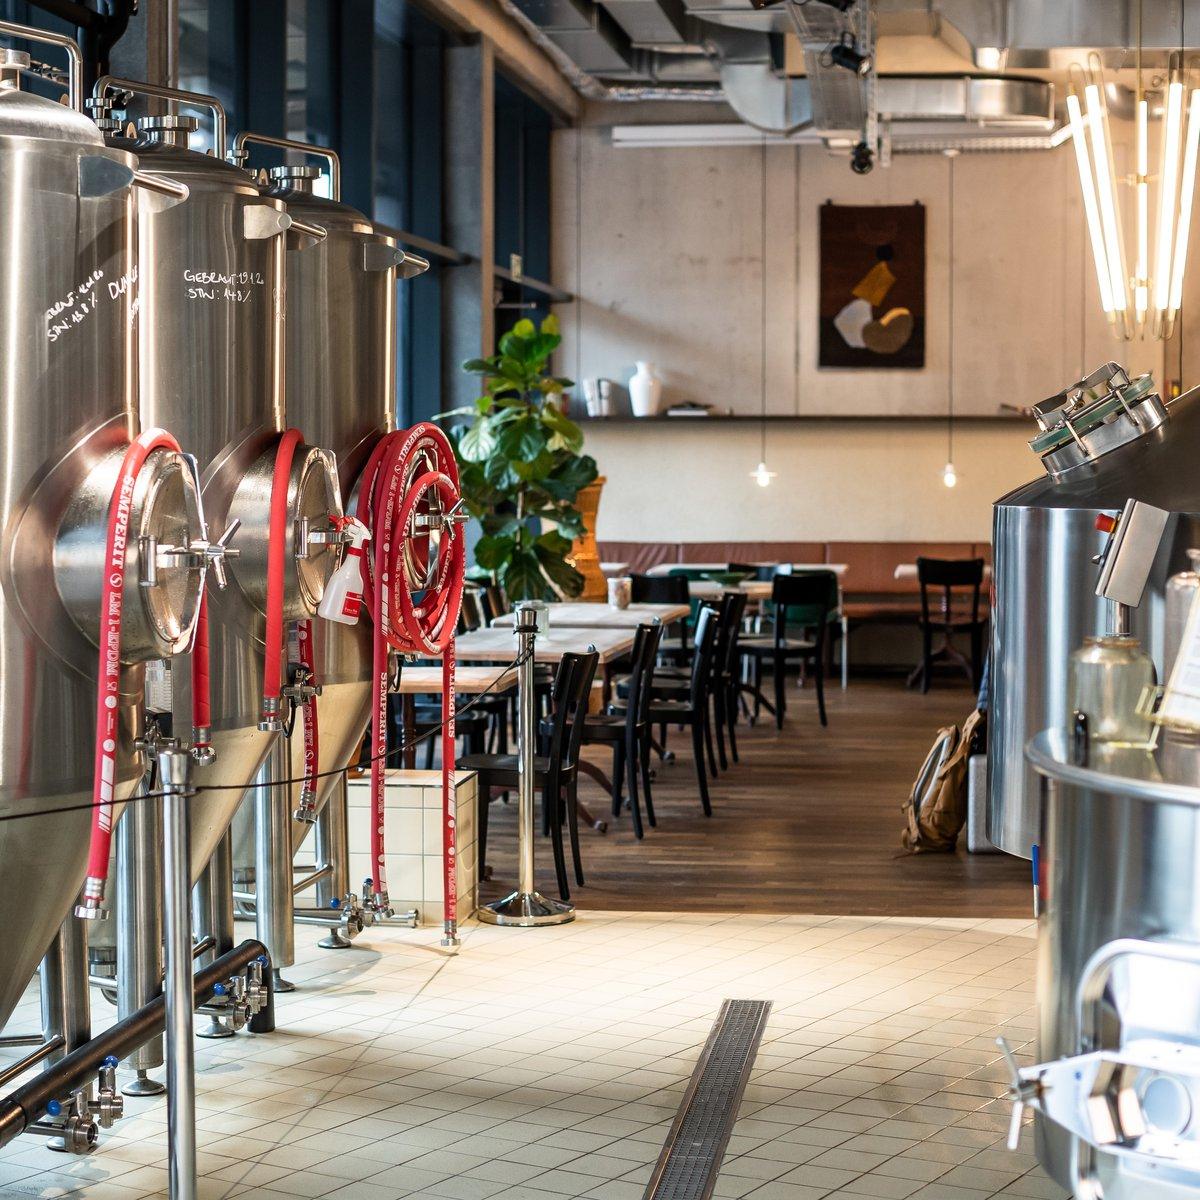 Brewery & Kitchen